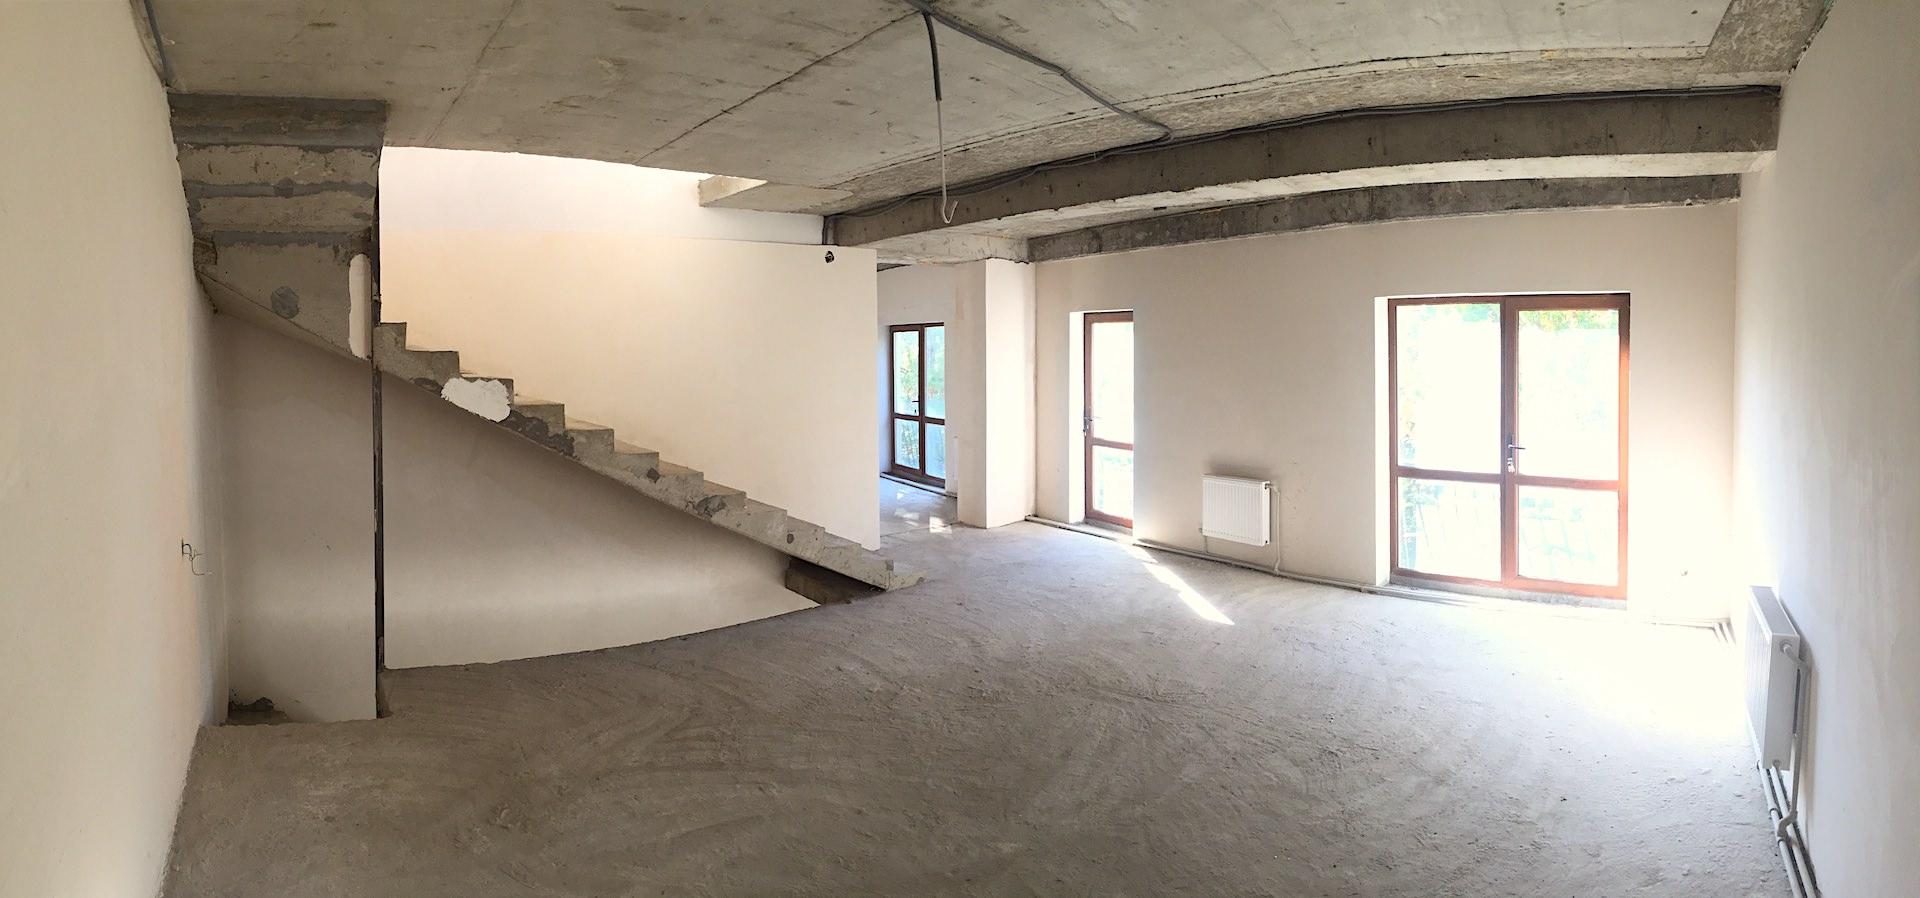 Продажа дома в Гурзуфе с видовой террасой 9